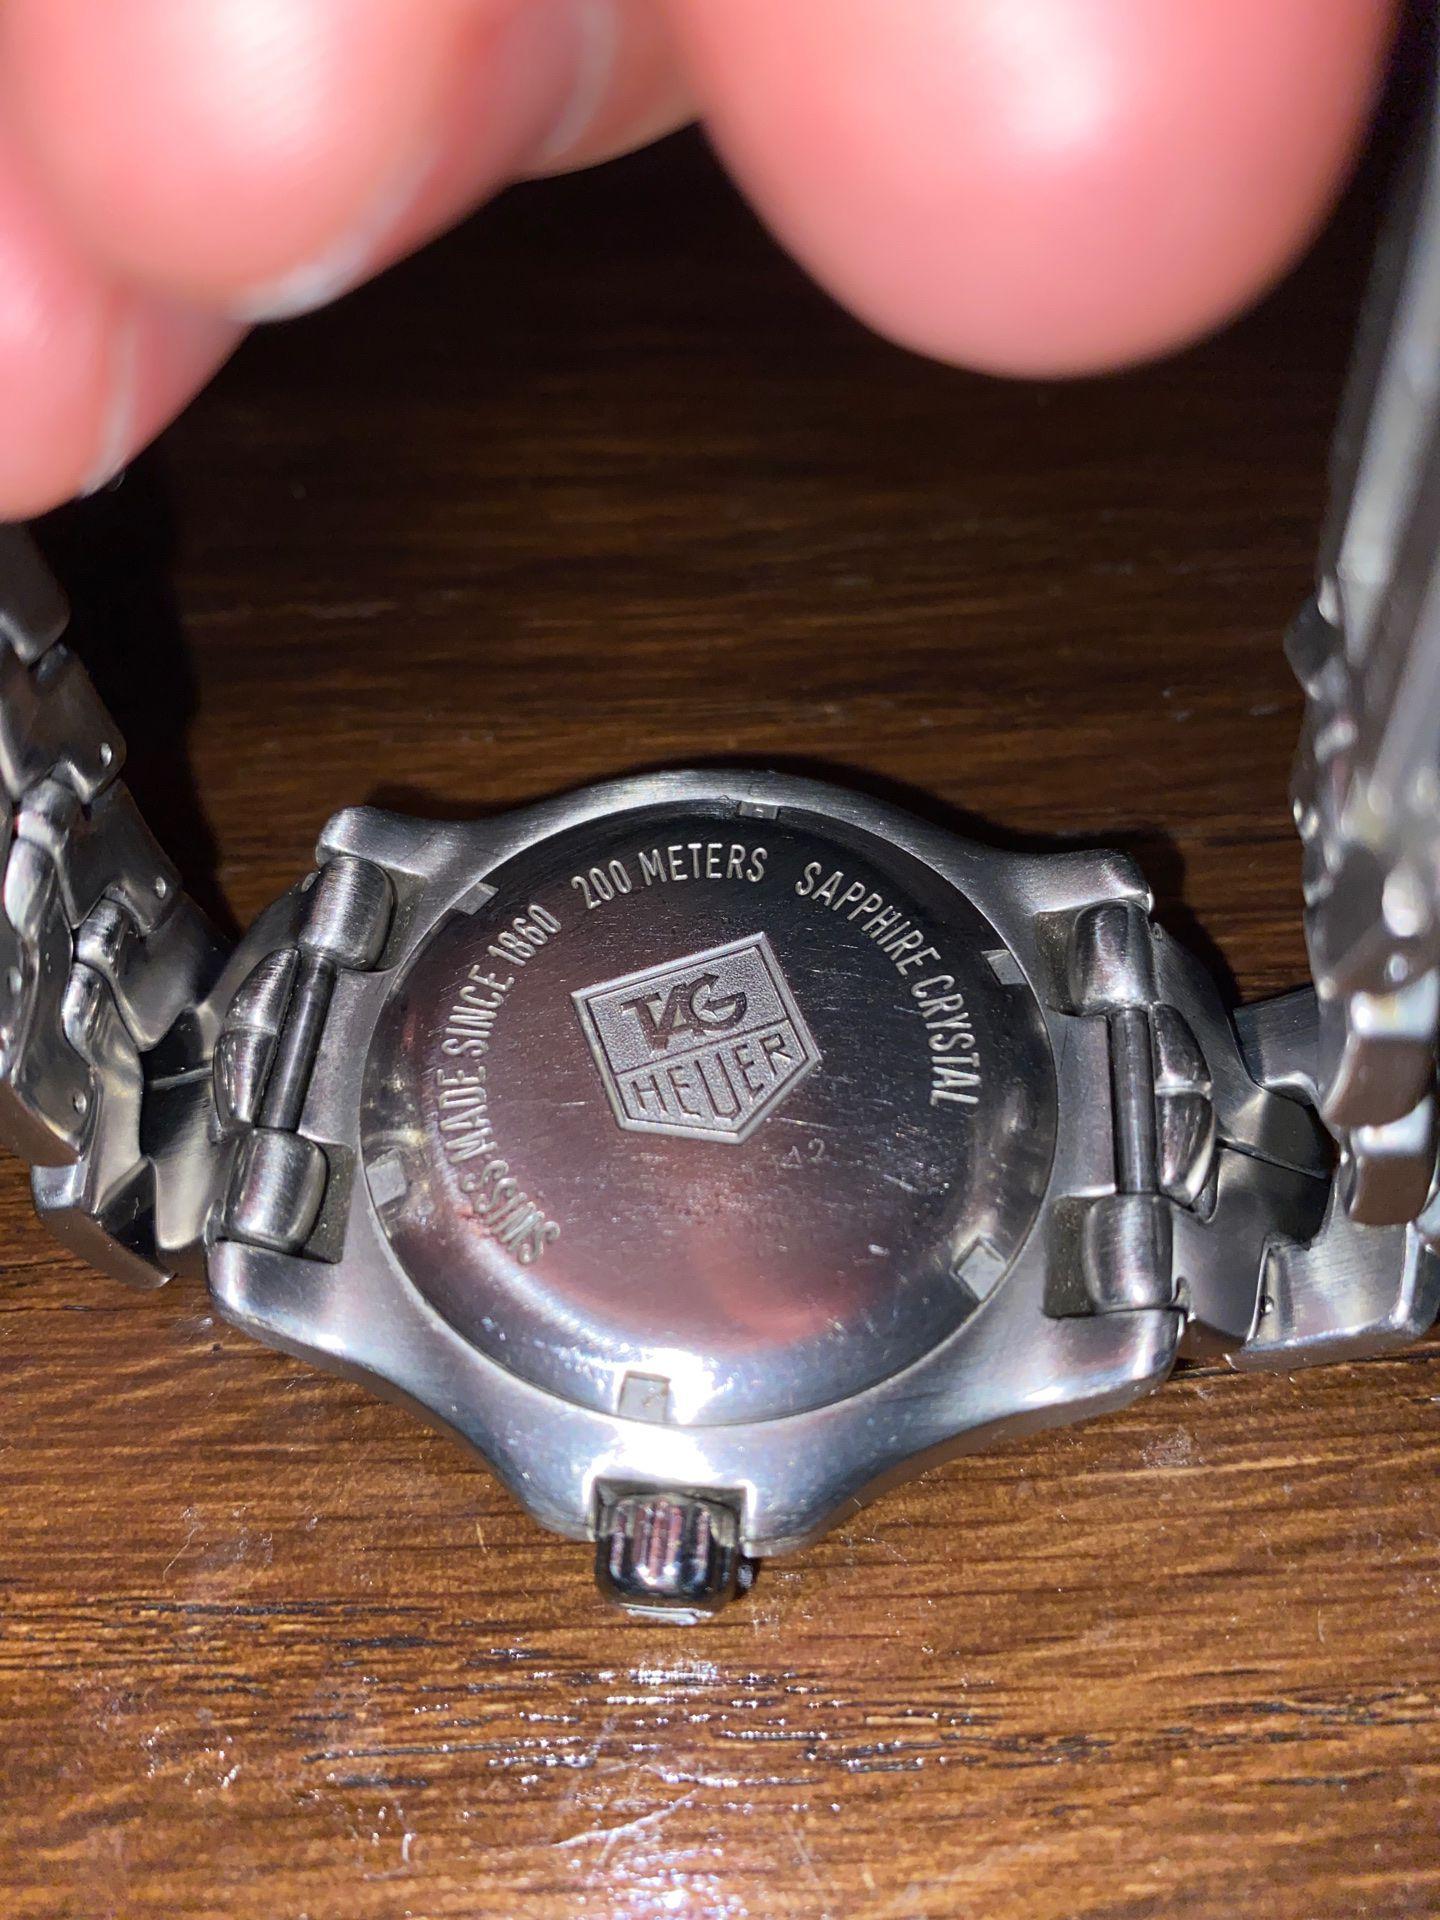 Tag Heuer 200 meters sapphire crystal